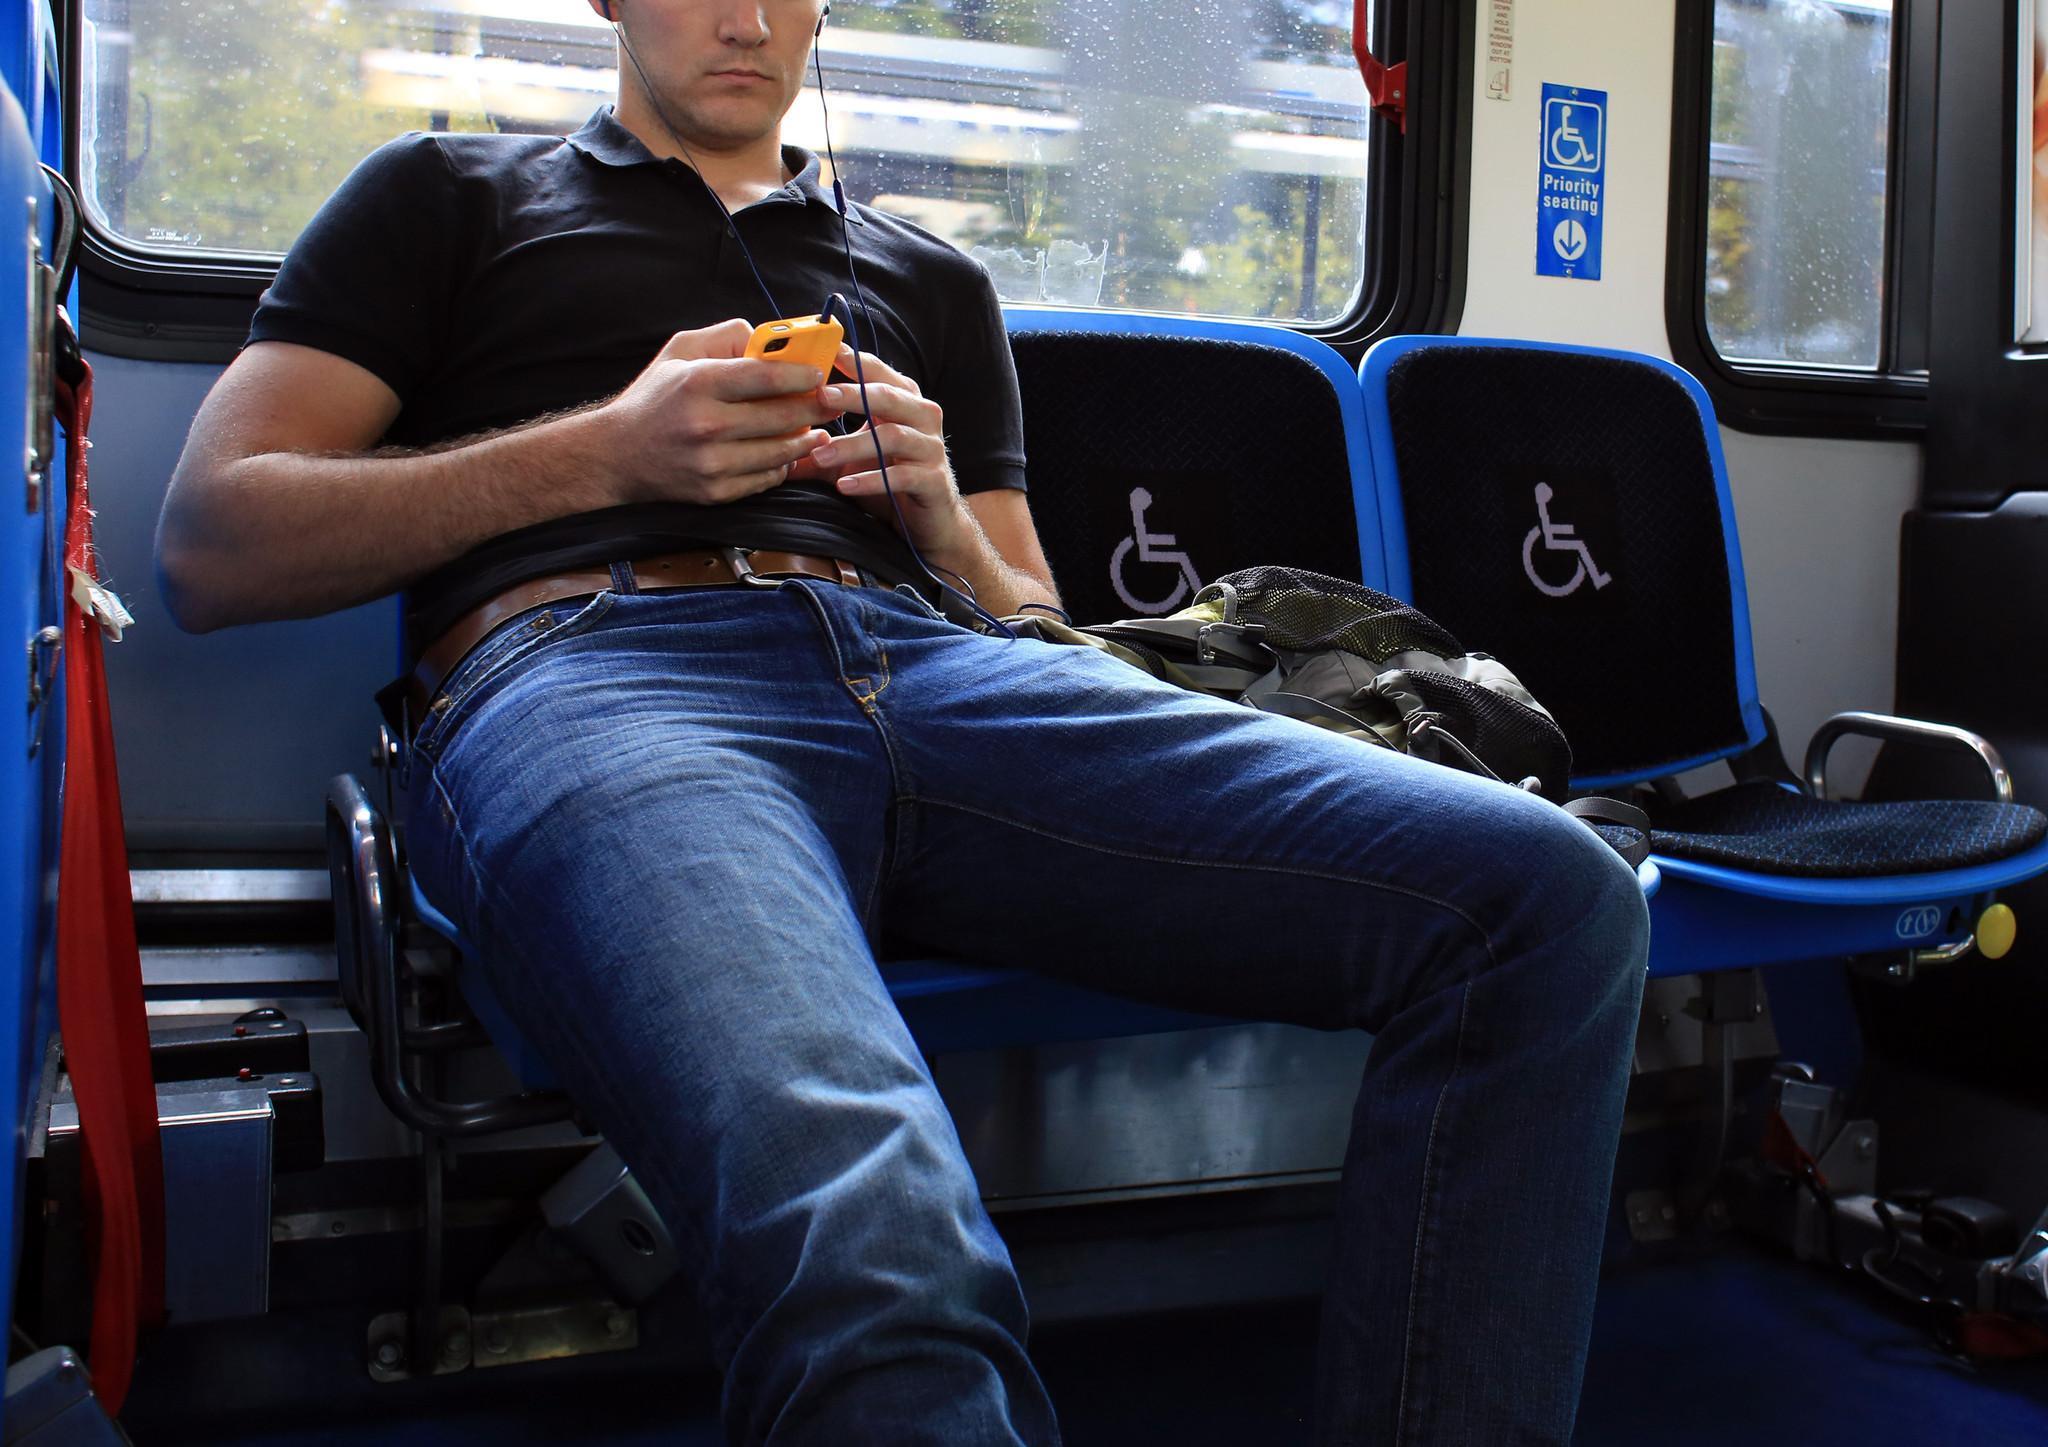 Фото девушек сидящих в метро 6 фотография